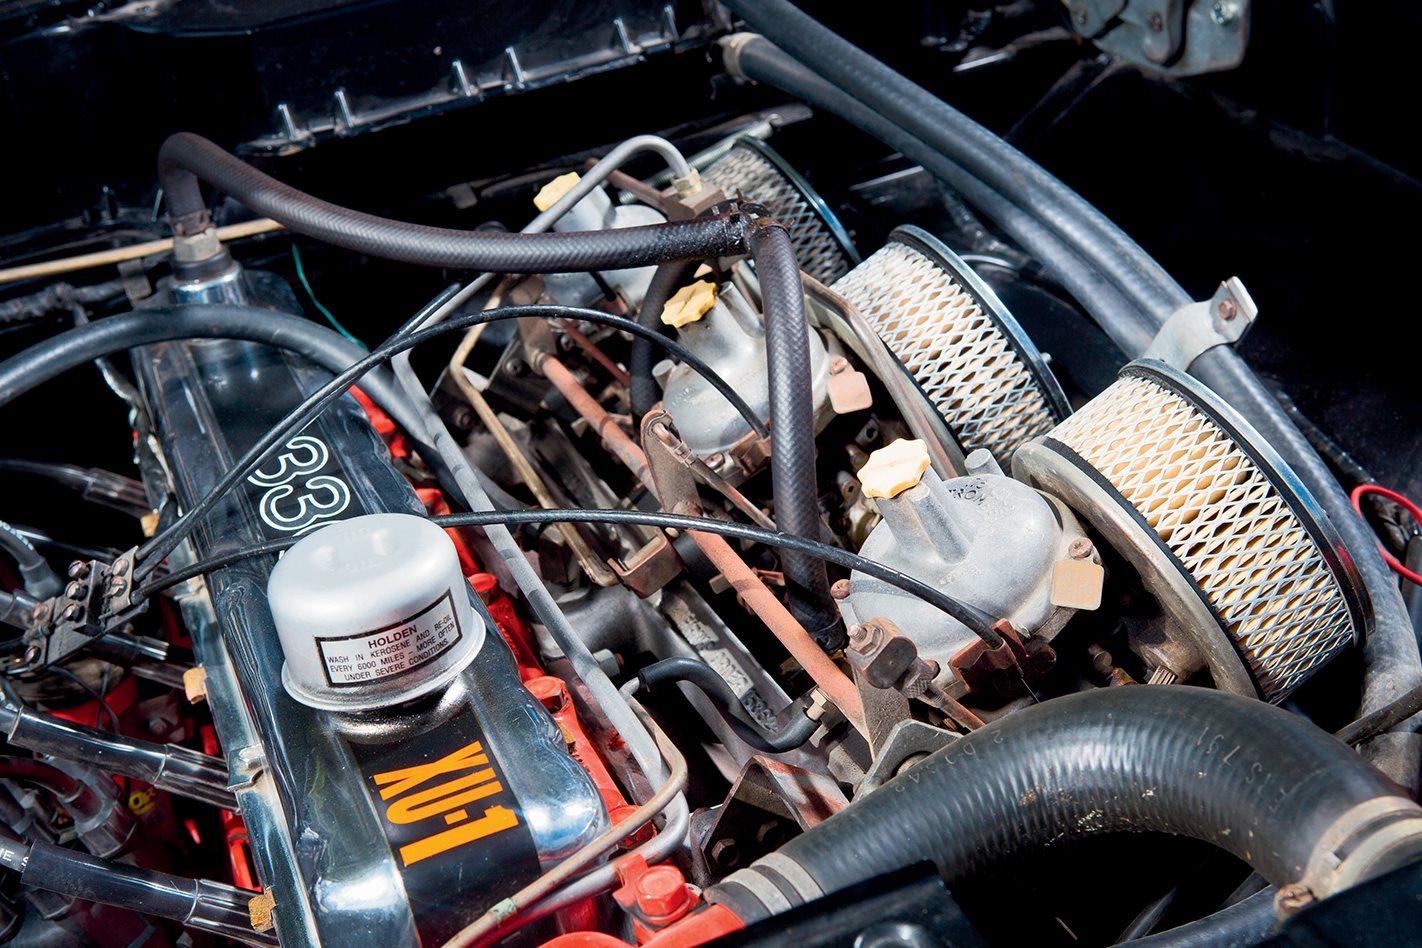 LJ-Torana-GTR-XU-1-engine.jpg